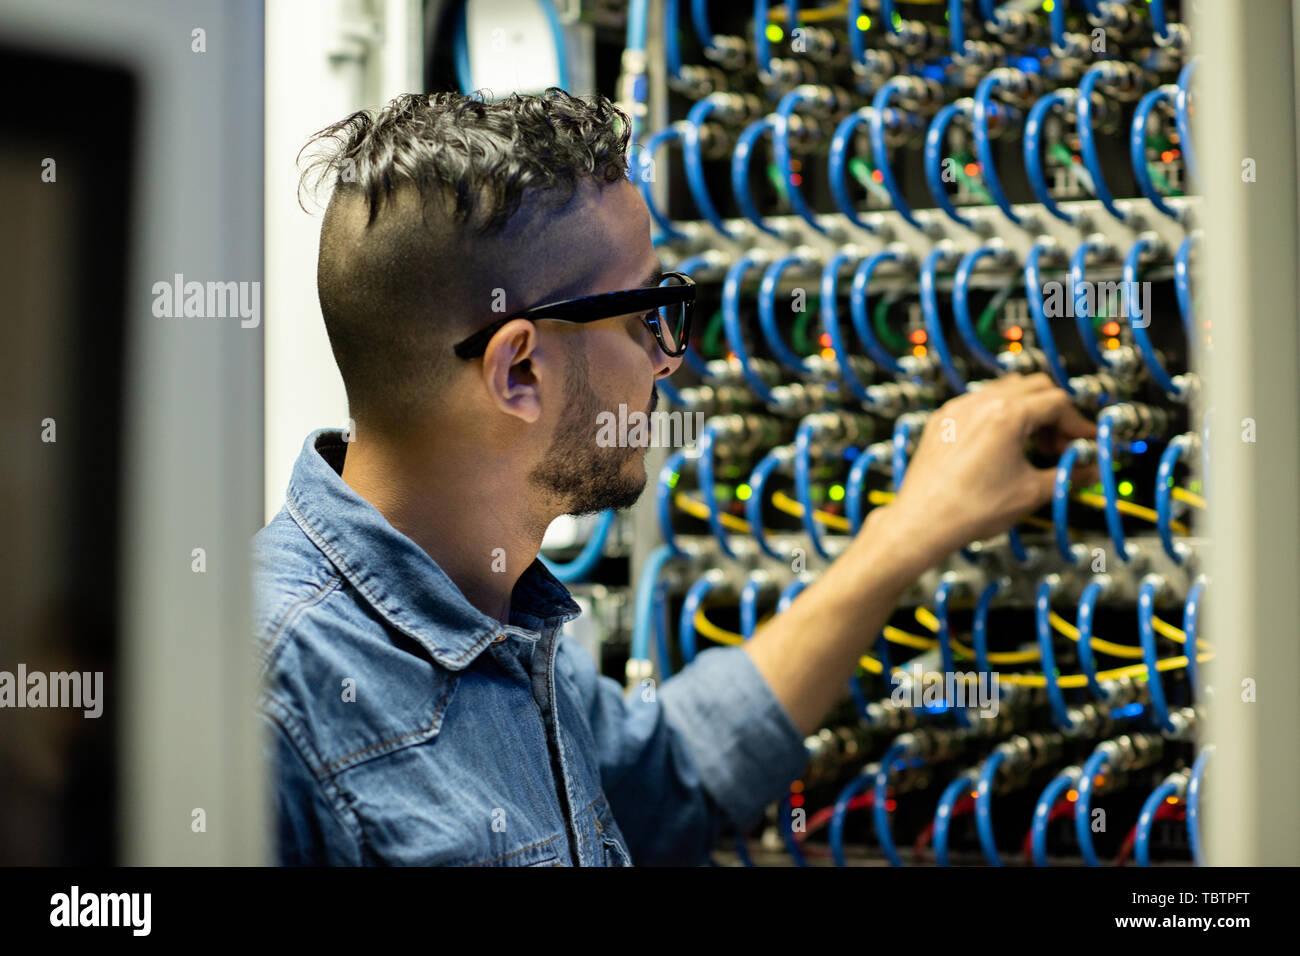 Mainframe engineer analyzing system of database storage - Stock Image